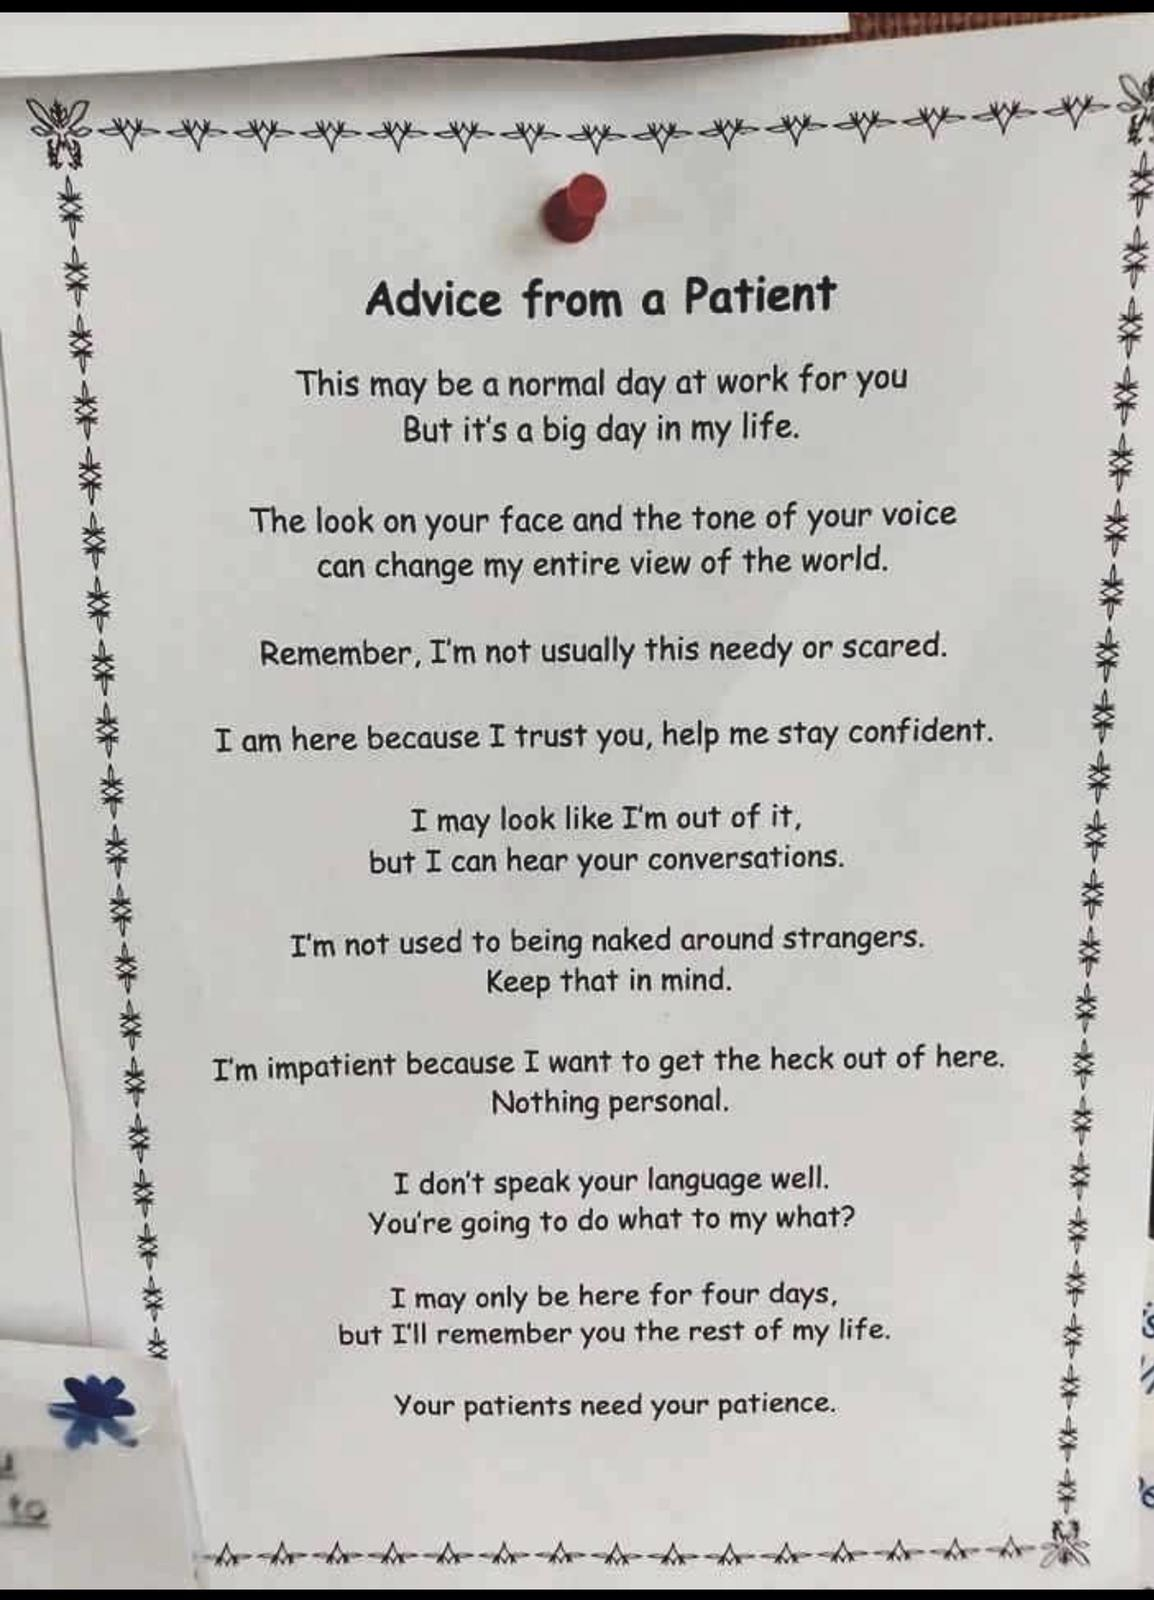 Conselho de um paciente